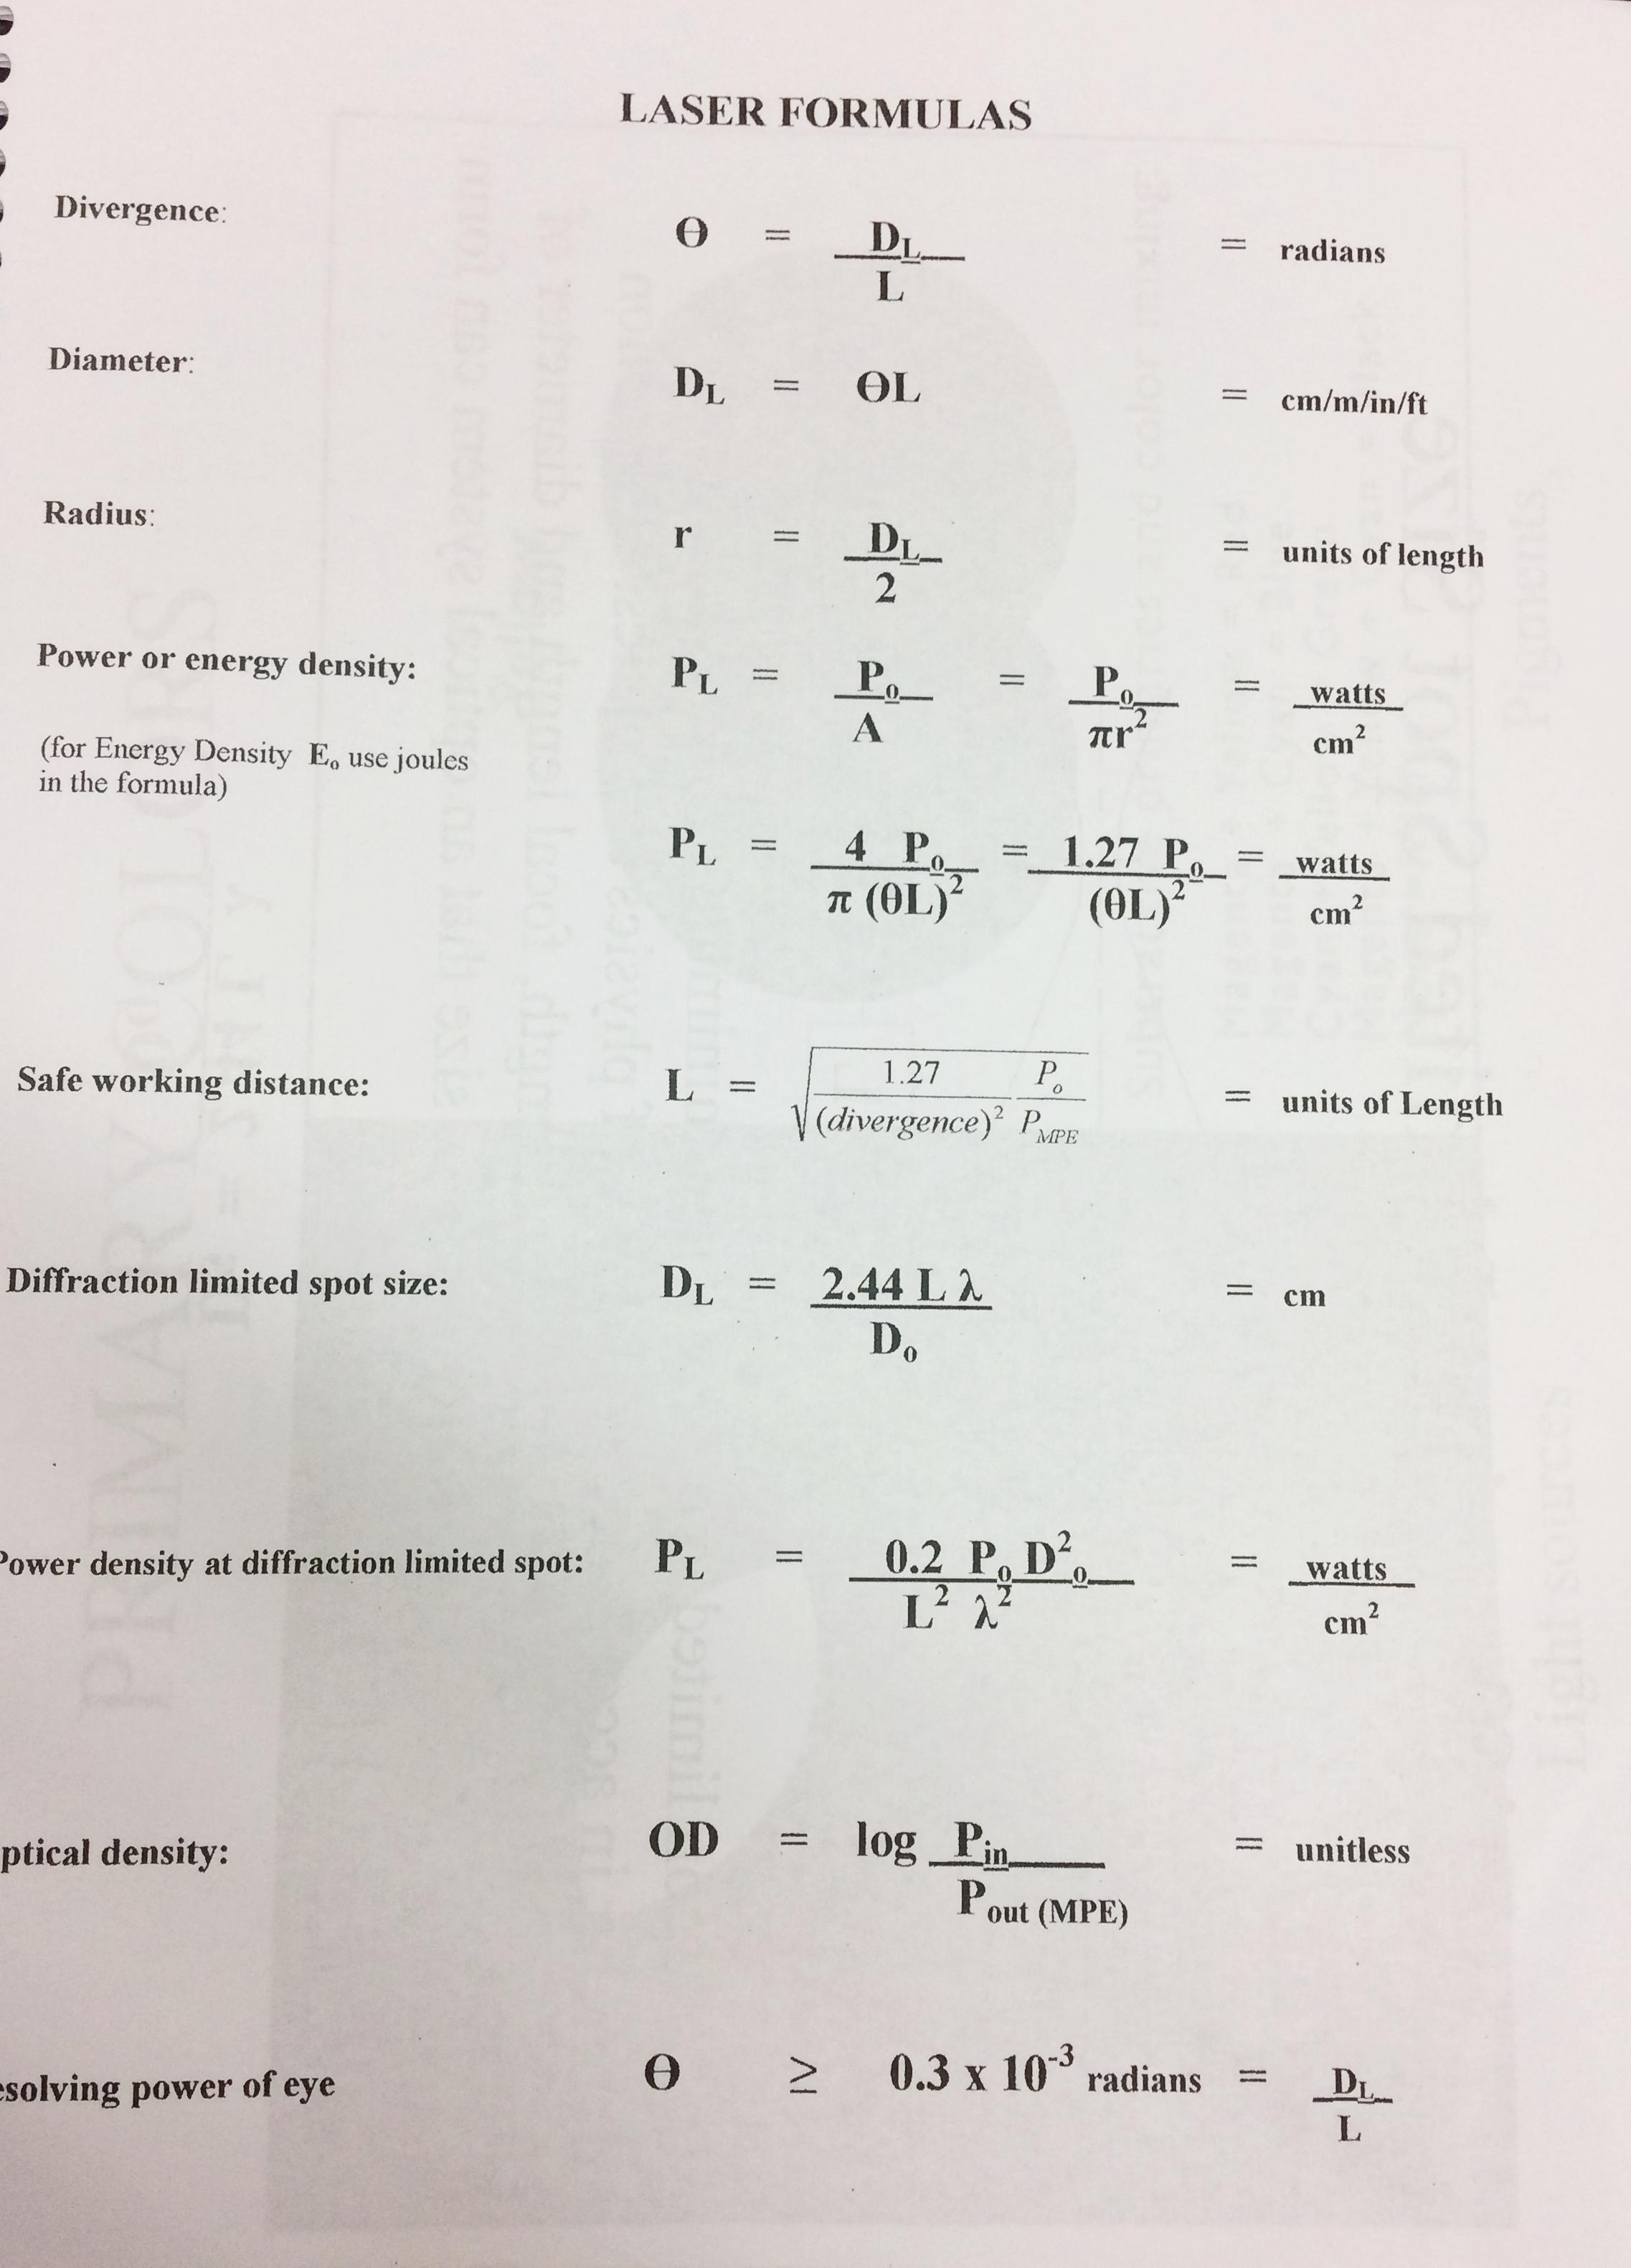 formulas used for laser certification test.